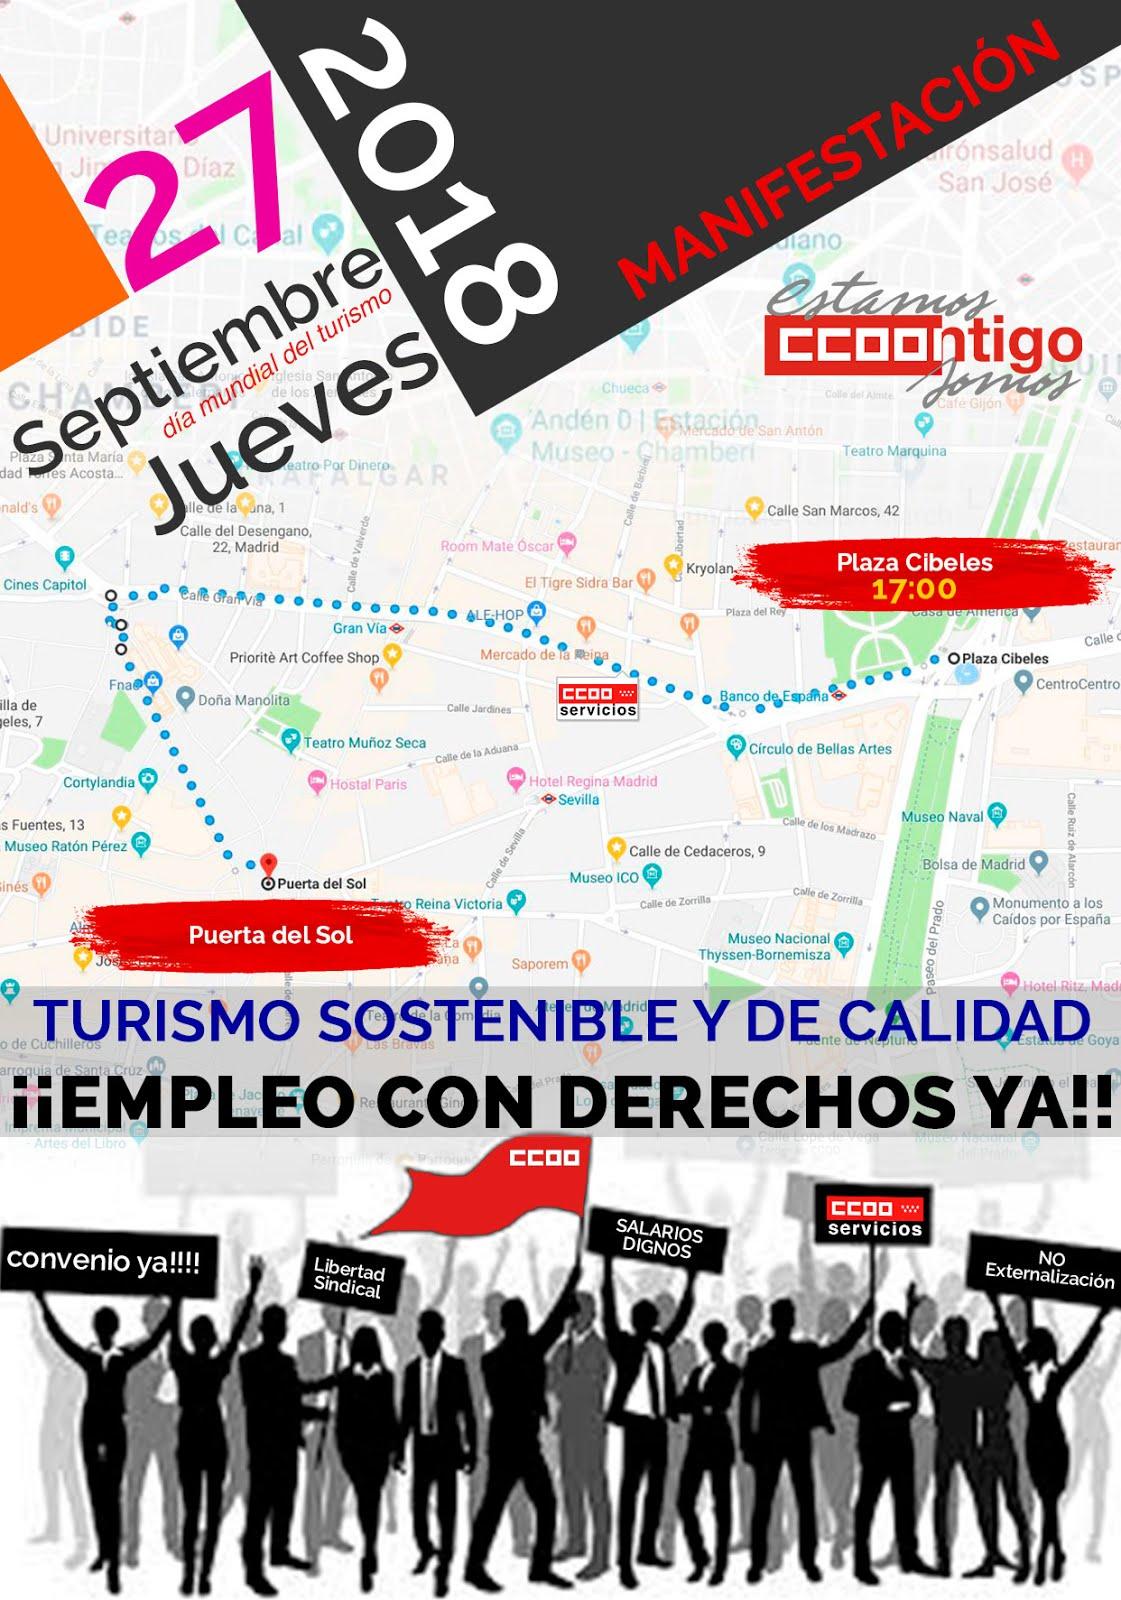 27 septiembre Turismo sostenible y trabajo Digno